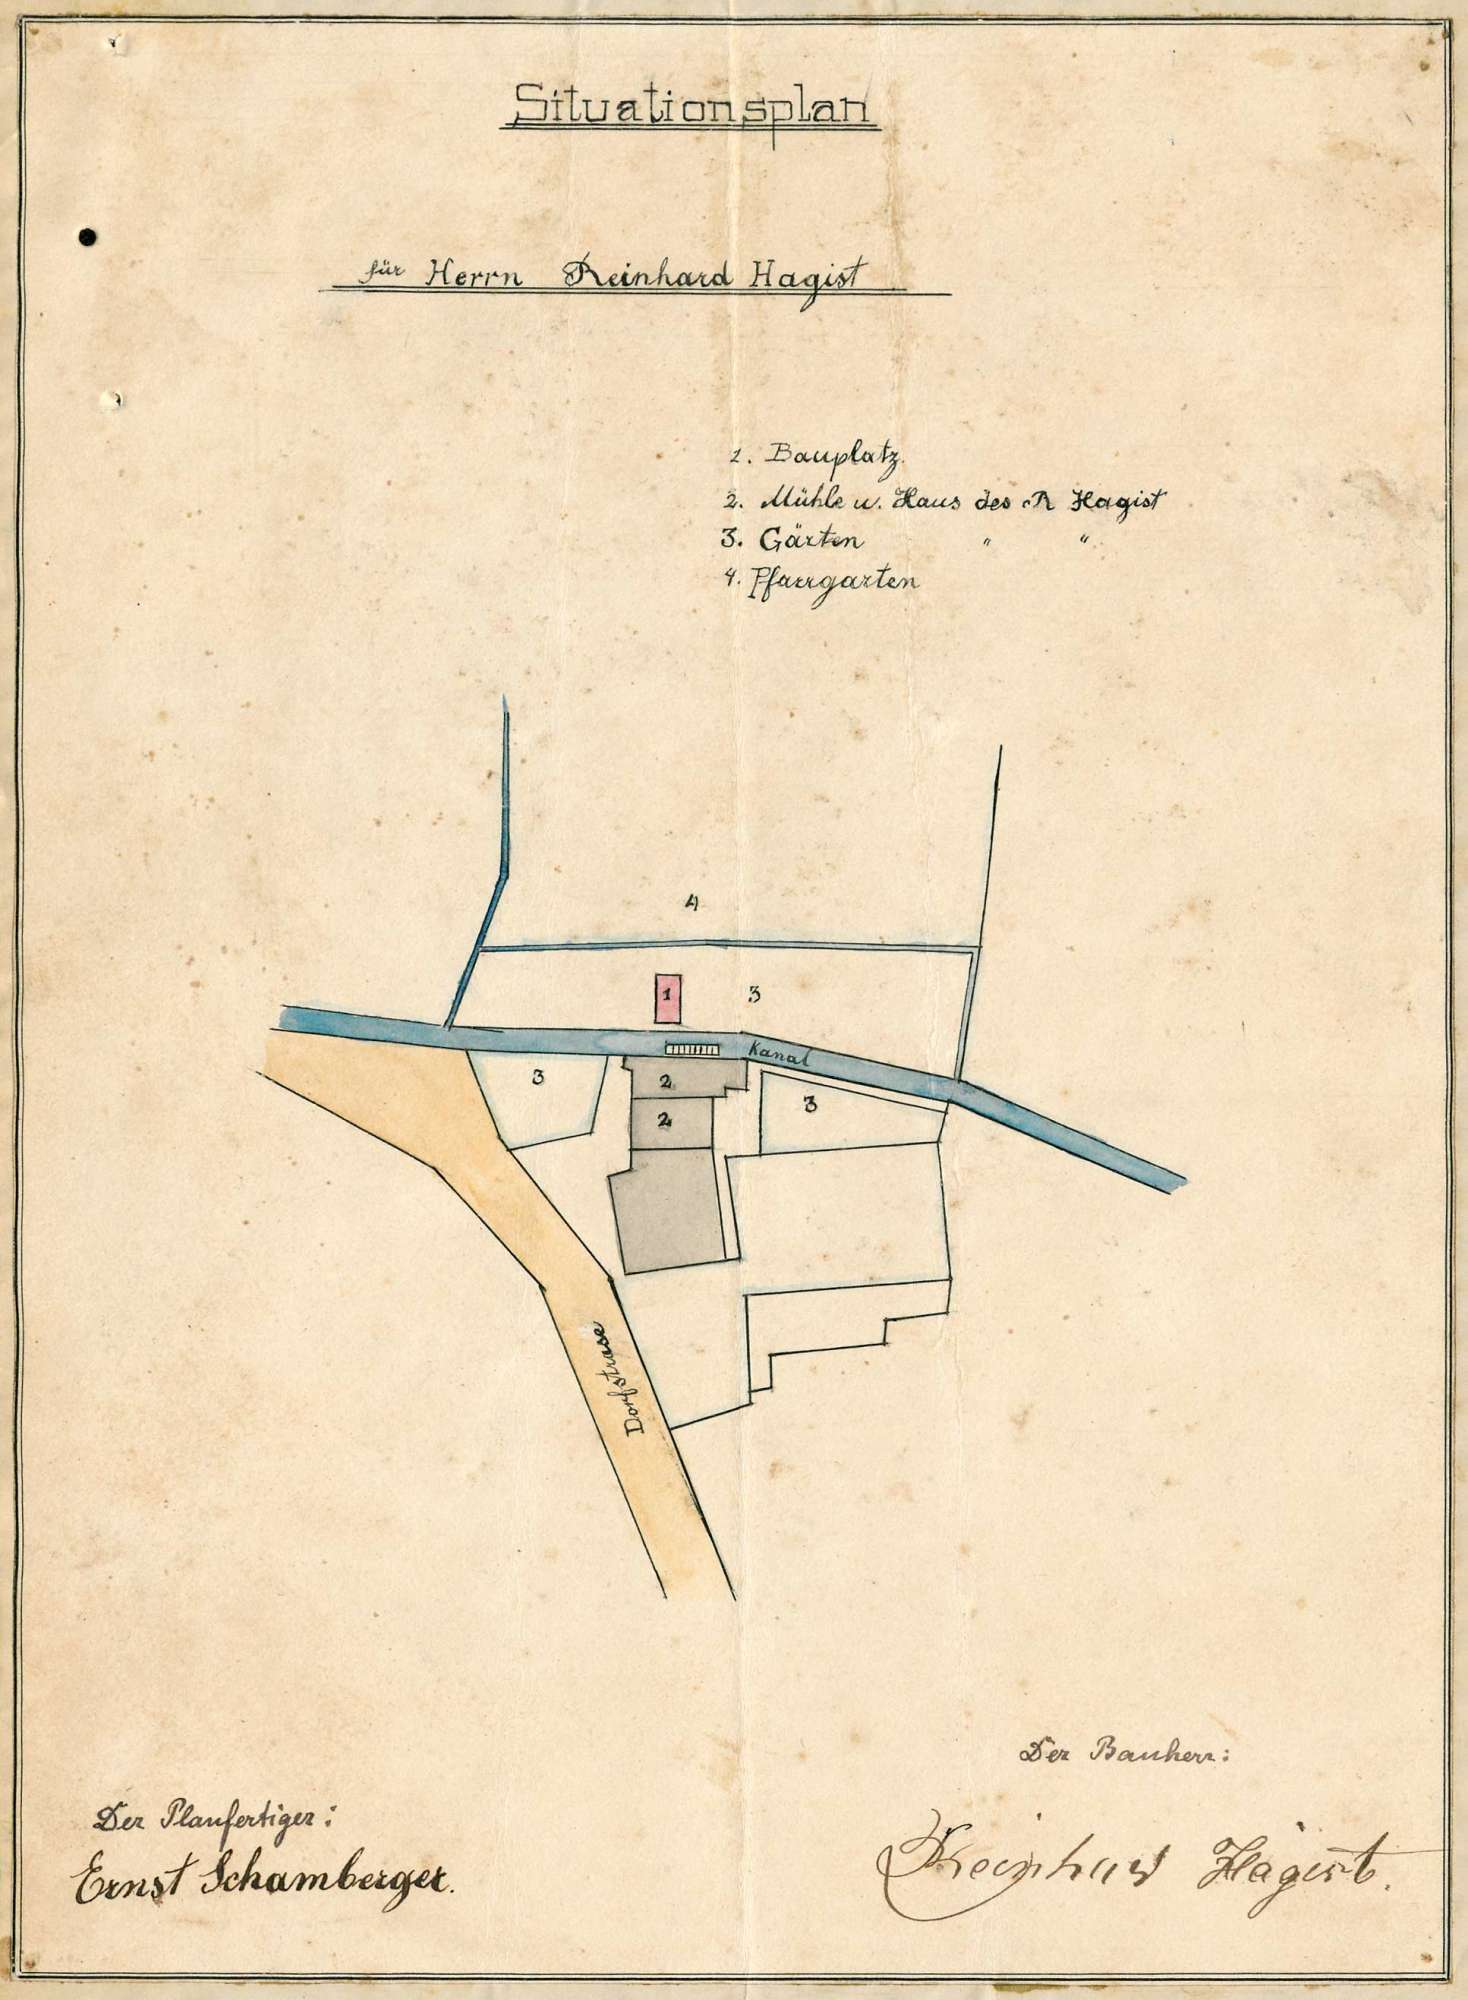 Gesuch des Reinhard Hagist in Eimeldingen um Erlaubnis zur Anlegung eines Dampfkessels, Bild 1